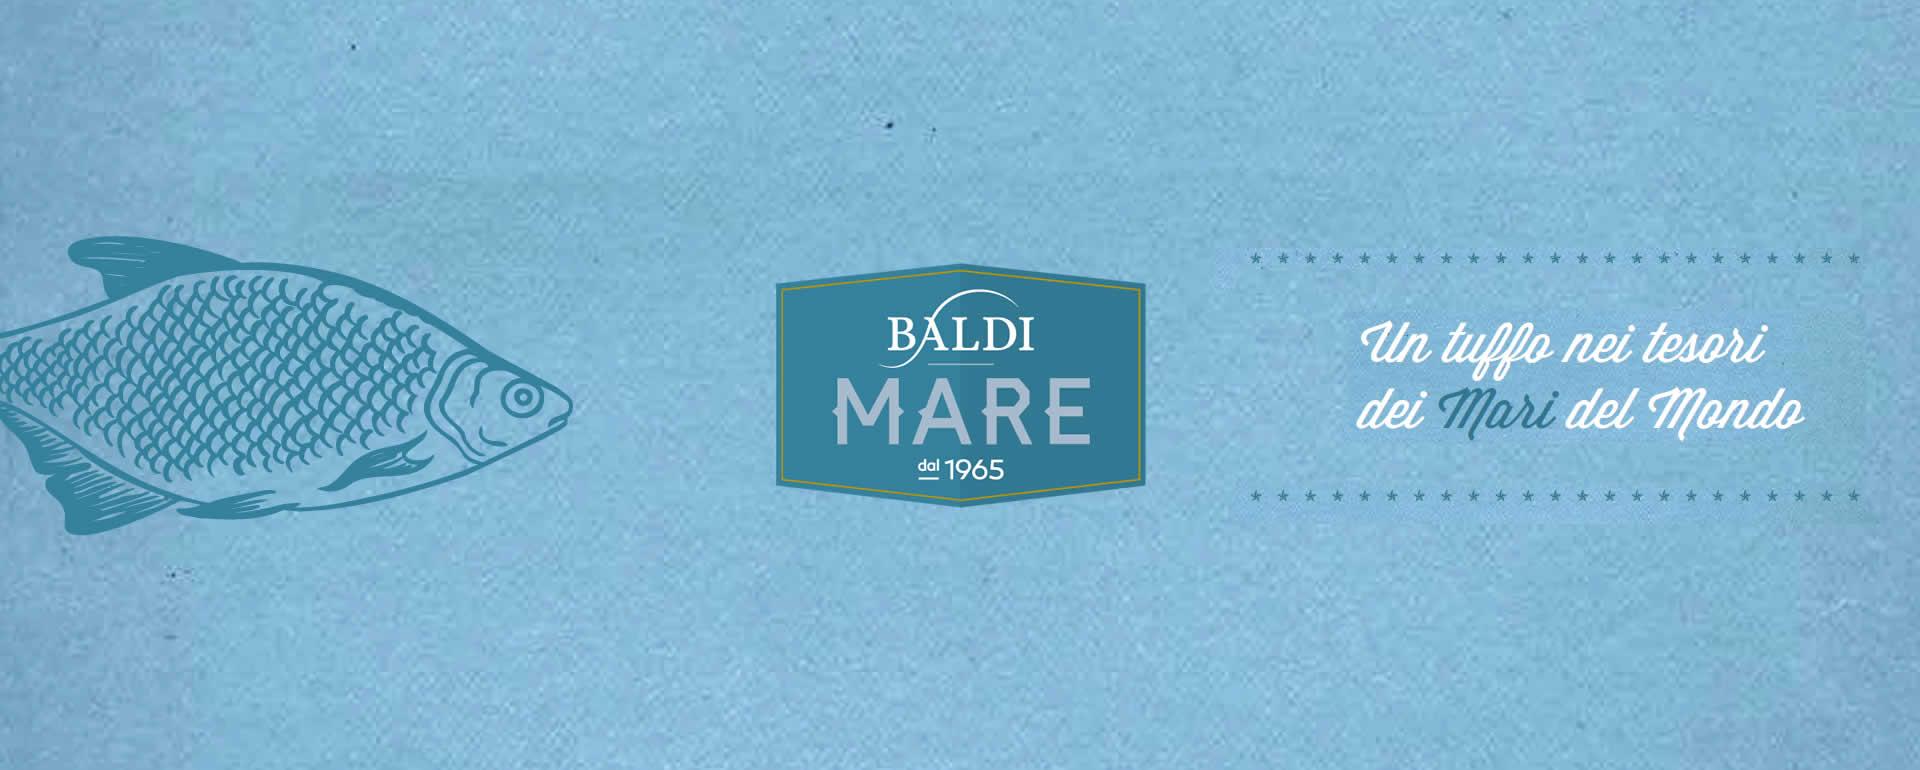 baldi_mare